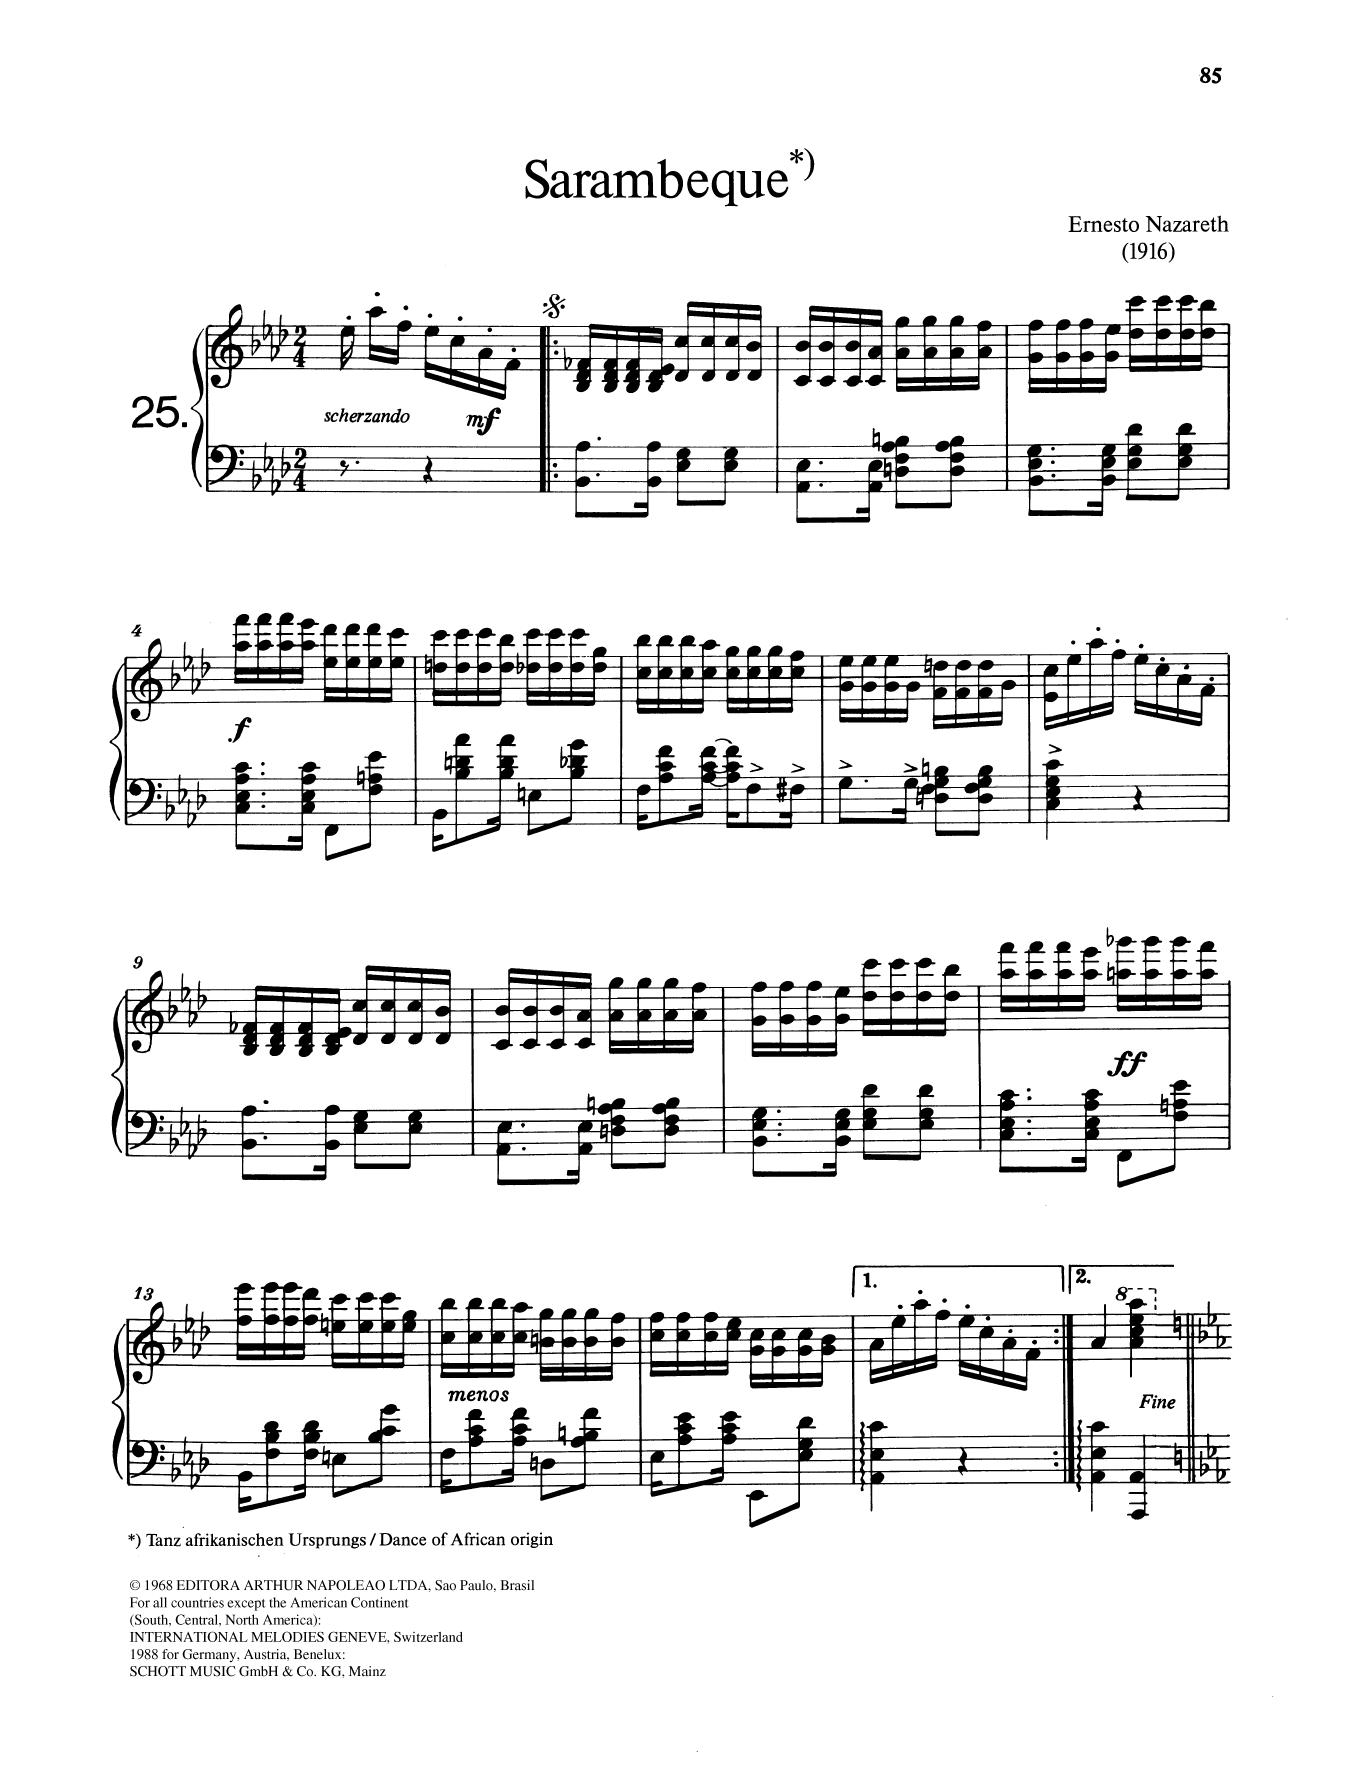 Sarambeque Sheet Music